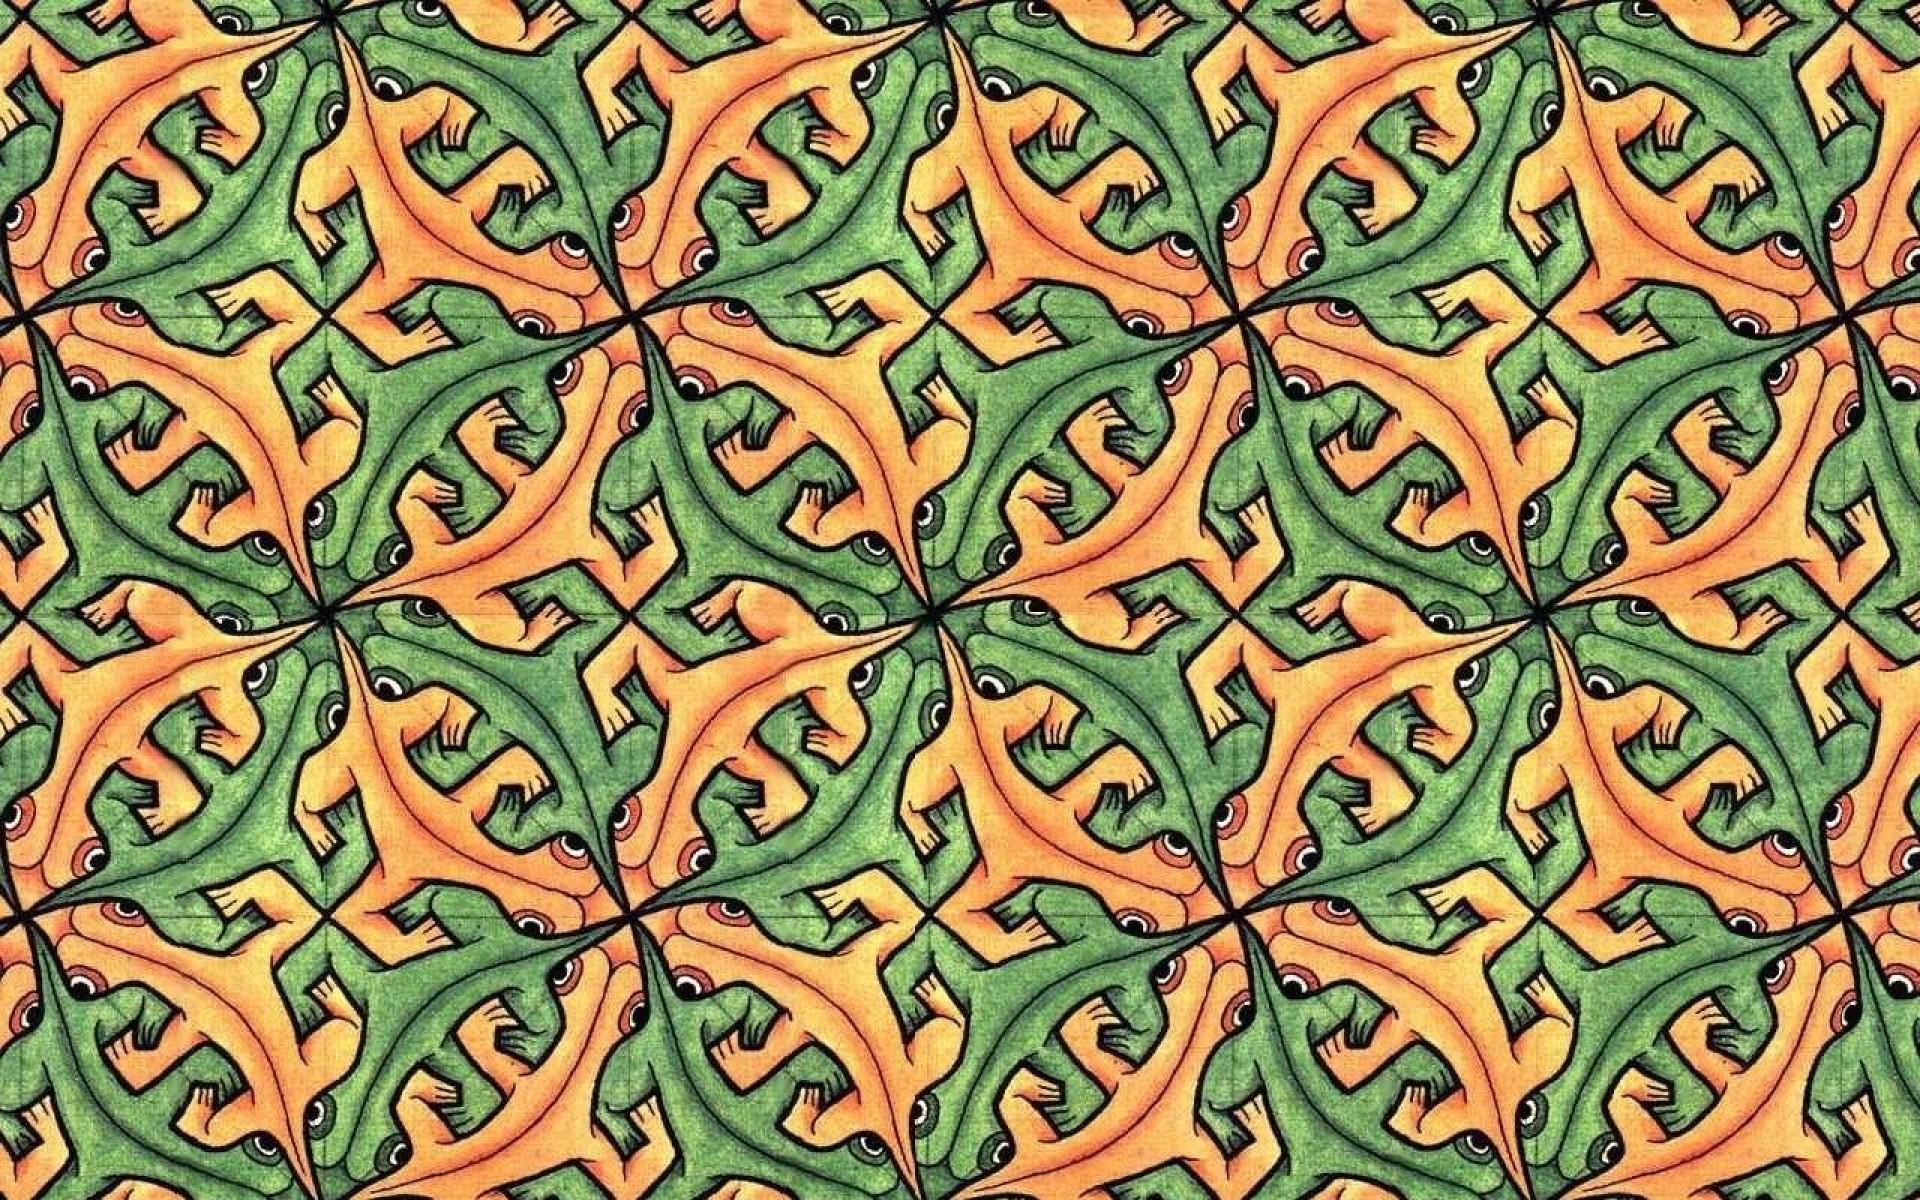 patterns mc escher 1280×1024 wallpaper Art HD Wallpaper